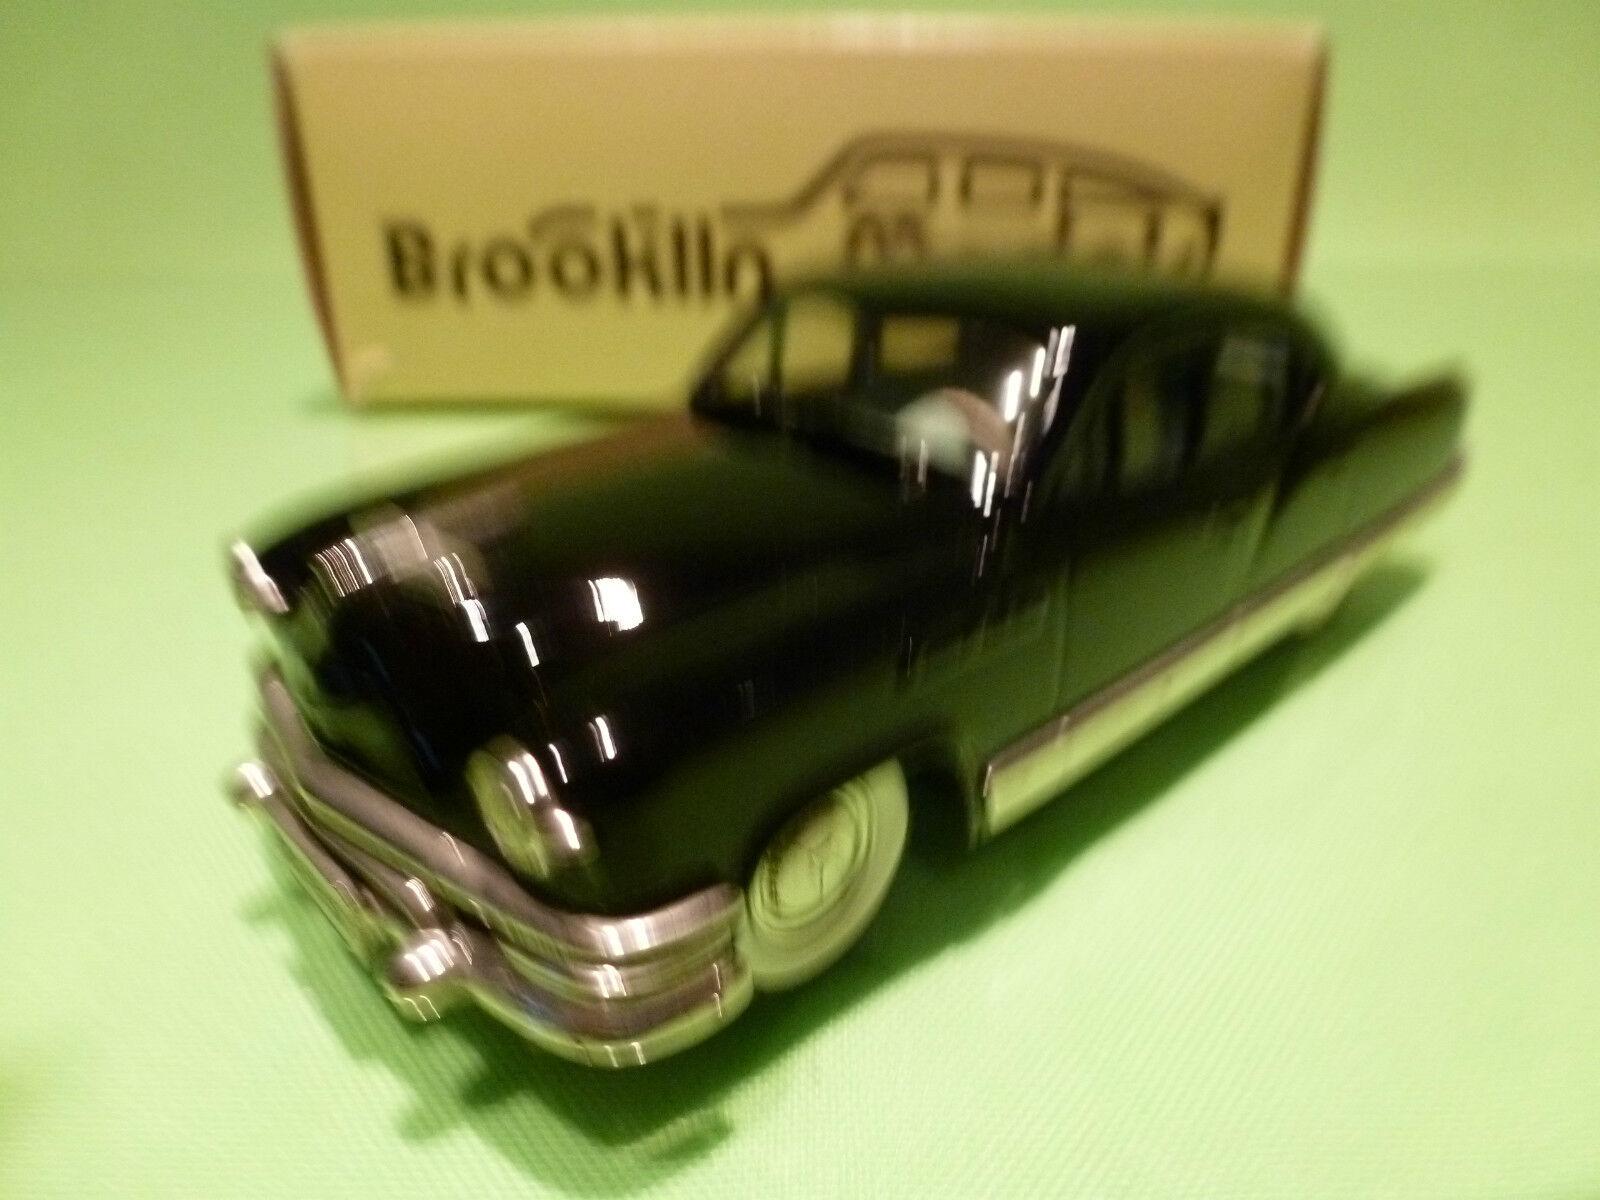 tienda en linea BROOKLIN BROOKLIN BROOKLIN MODELS BRK 29x KAISER MANHATTAN 1953 rojoTERDAM DE LUXE - 1 43 - NMIB  servicio de primera clase